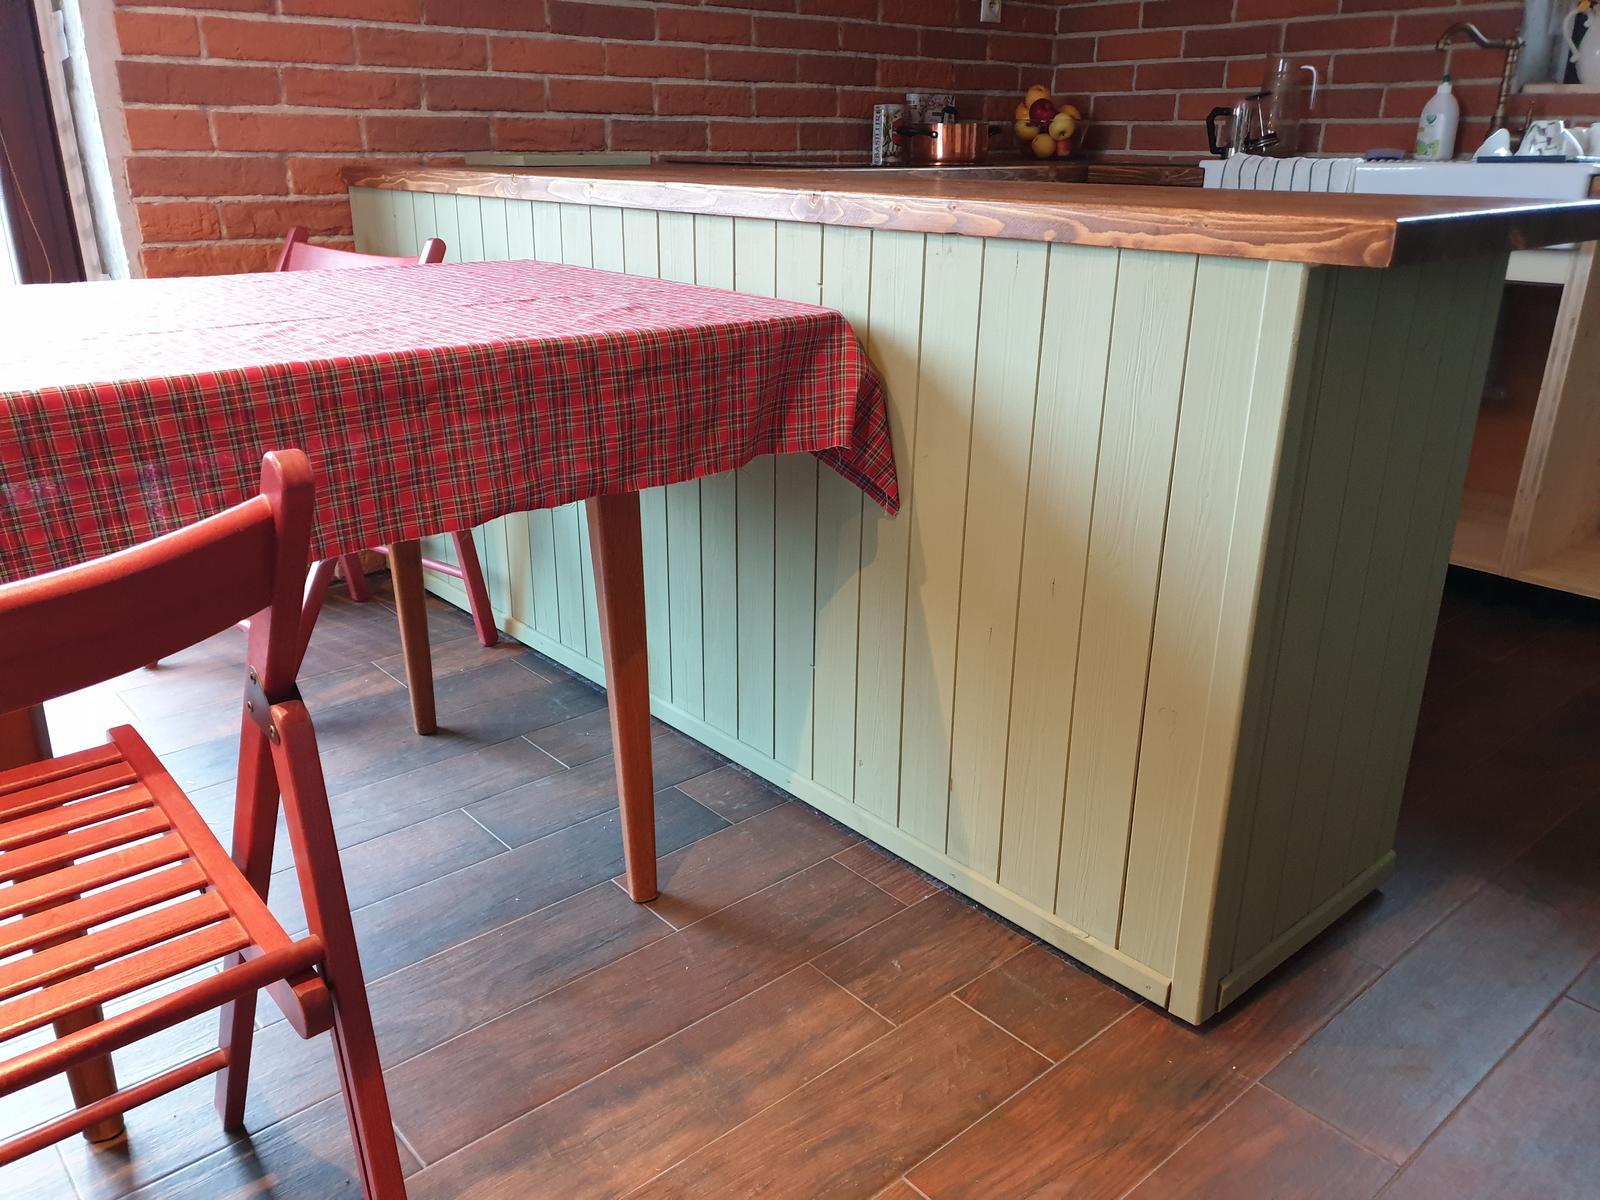 Kuchyňa svojpomocne - Stôl a aj stoličky zatiaľ provizorne, ale vieme sa kultúrnejšie najesť všetci 👍🎄